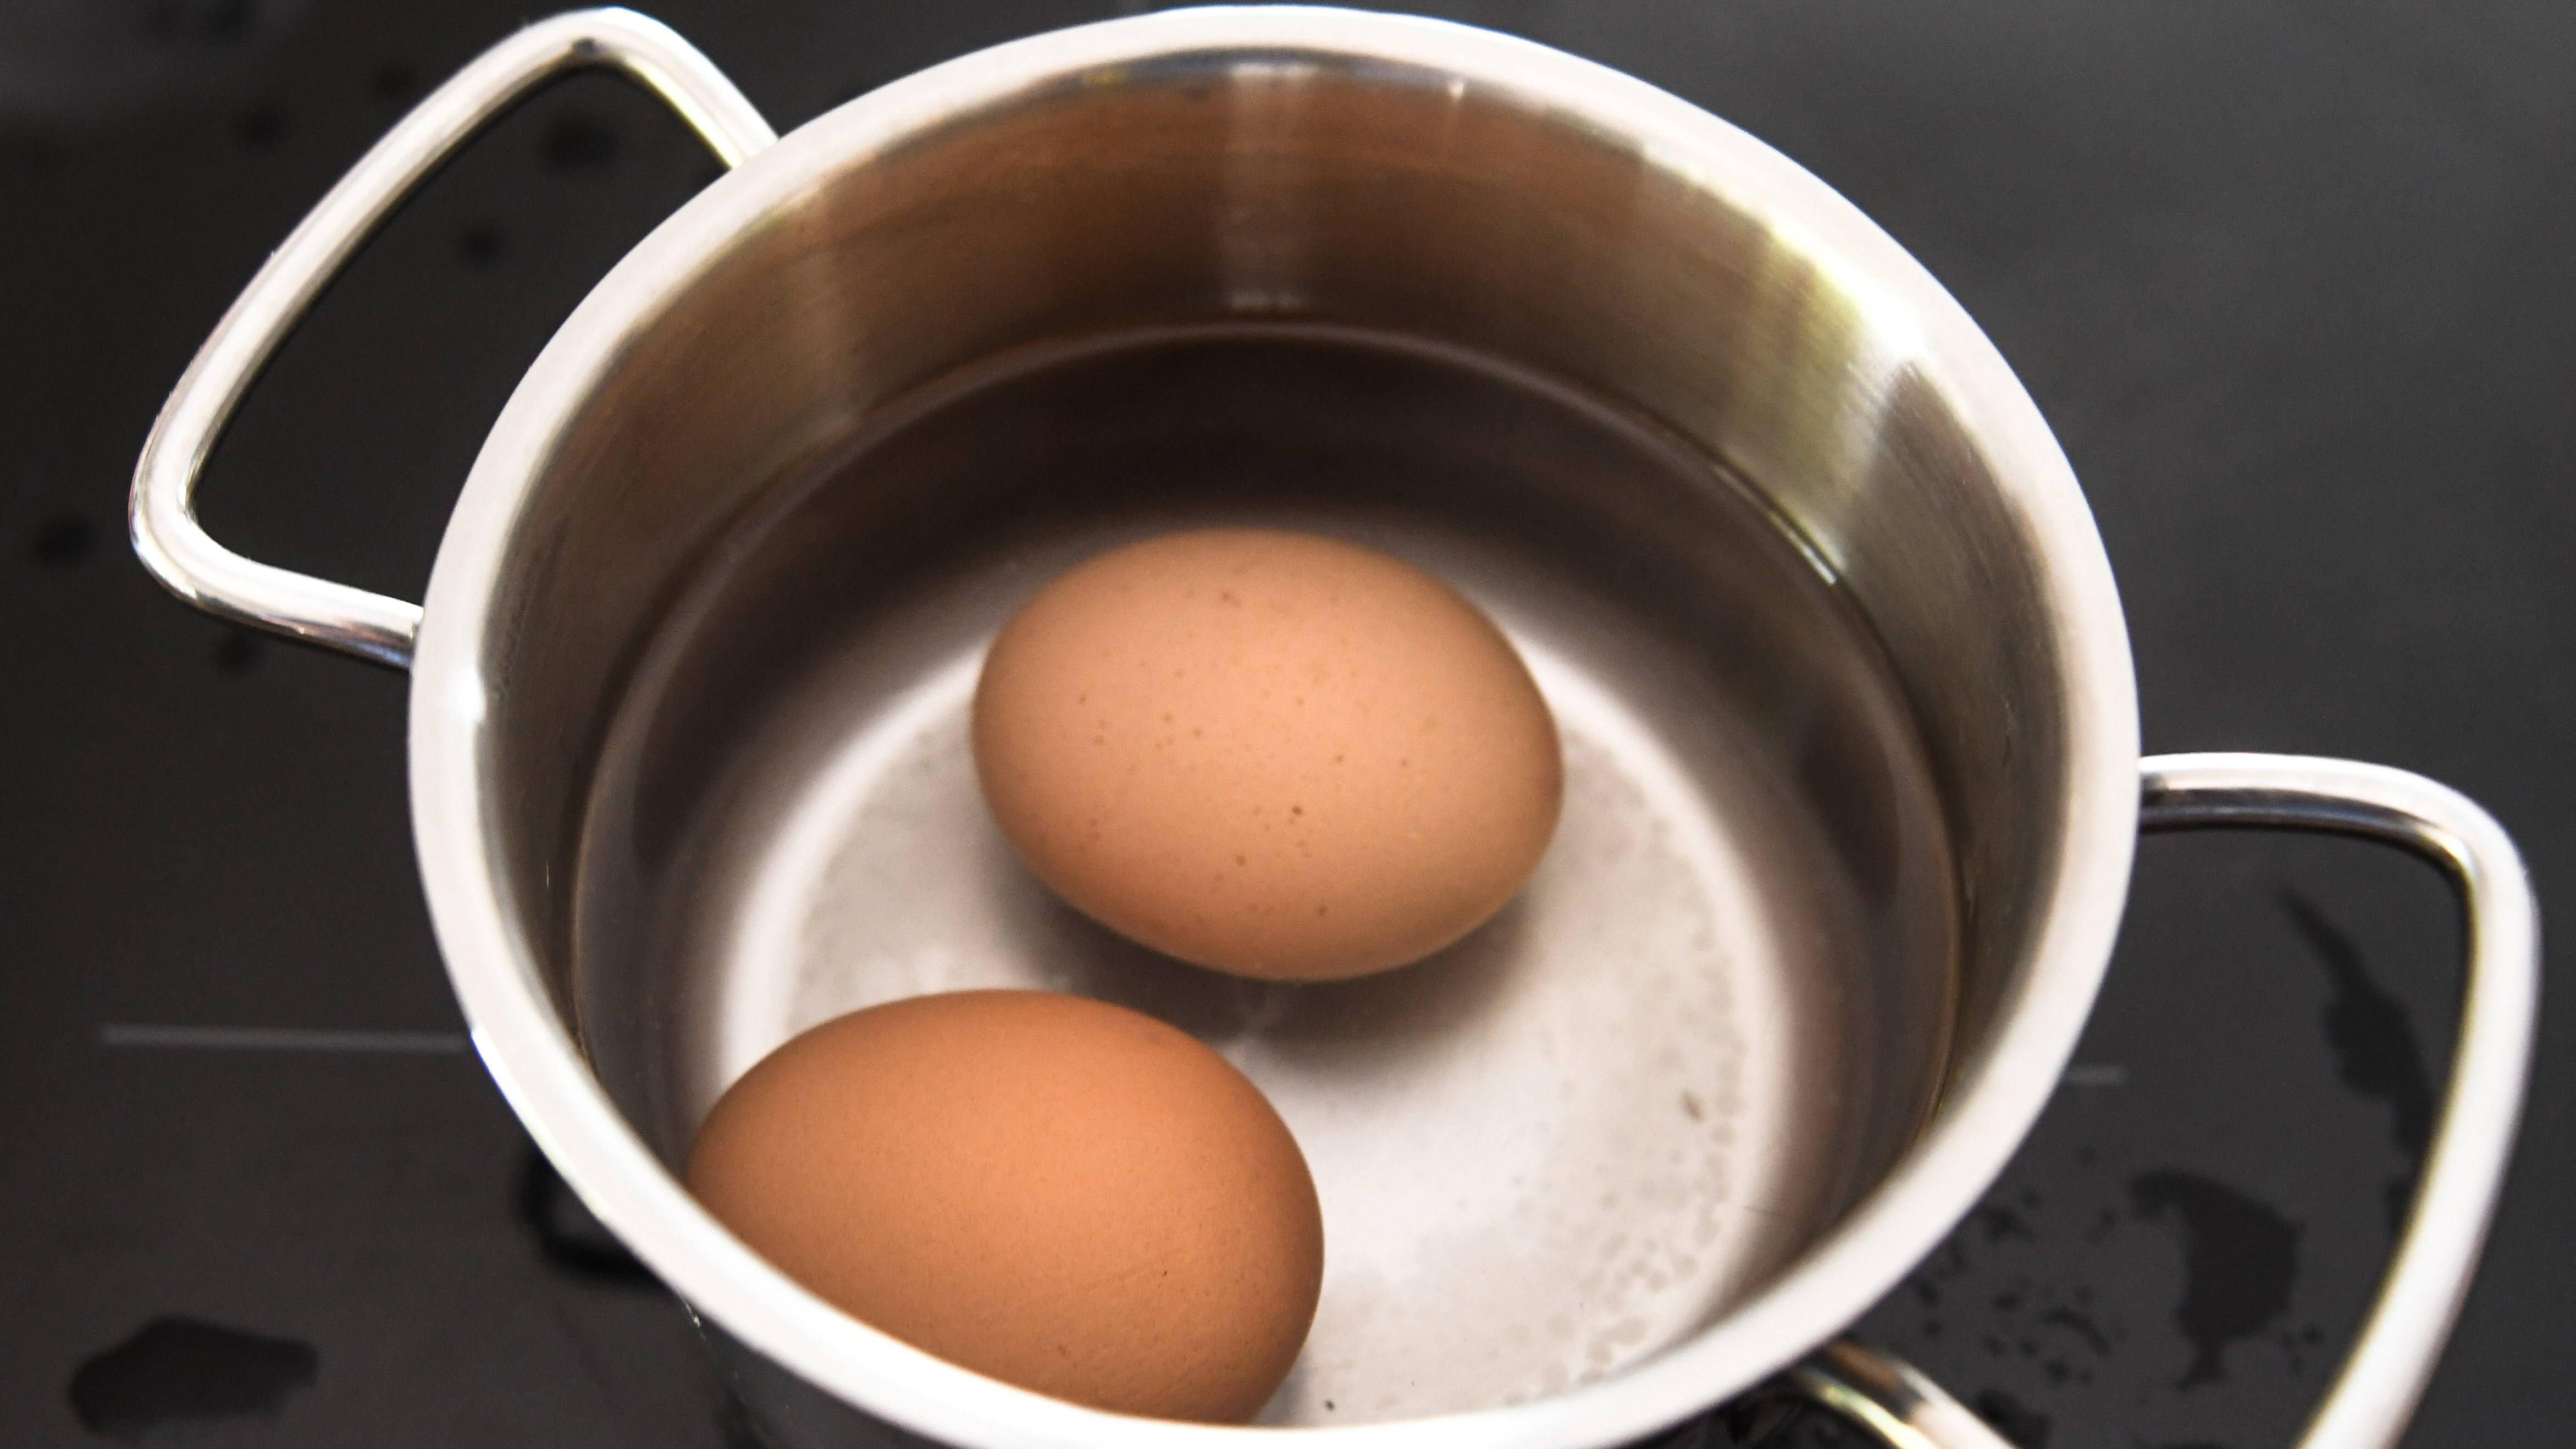 Abgelaufene Eier sind auch nach Ablauf des MHD normalerweise noch genießbar